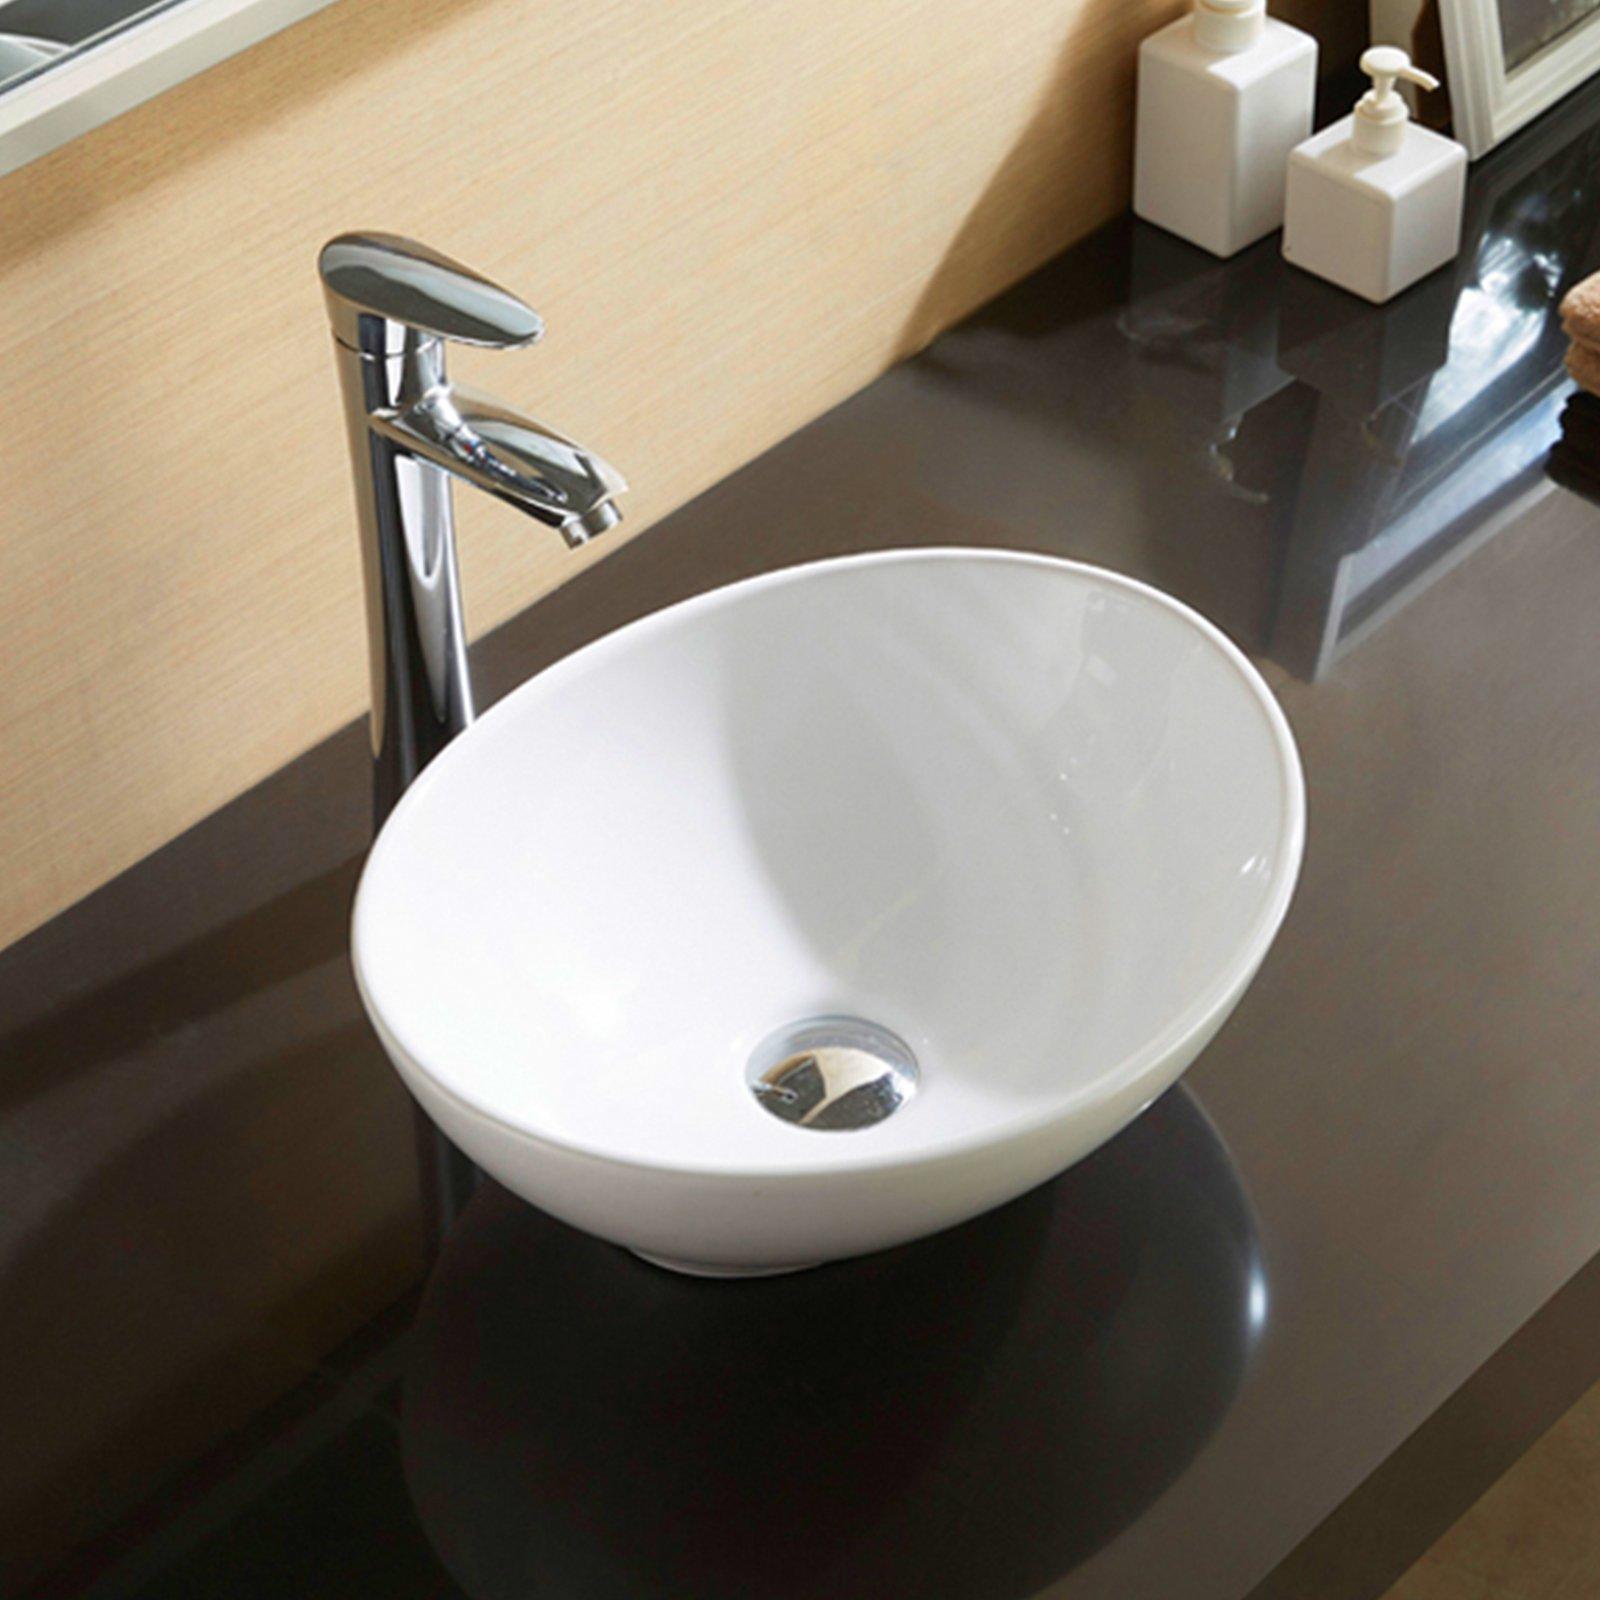 WaaGee Oval Bathroom Vessel Sink Vanity Basin White Porcelain Ceramic Bowl by WaaGee